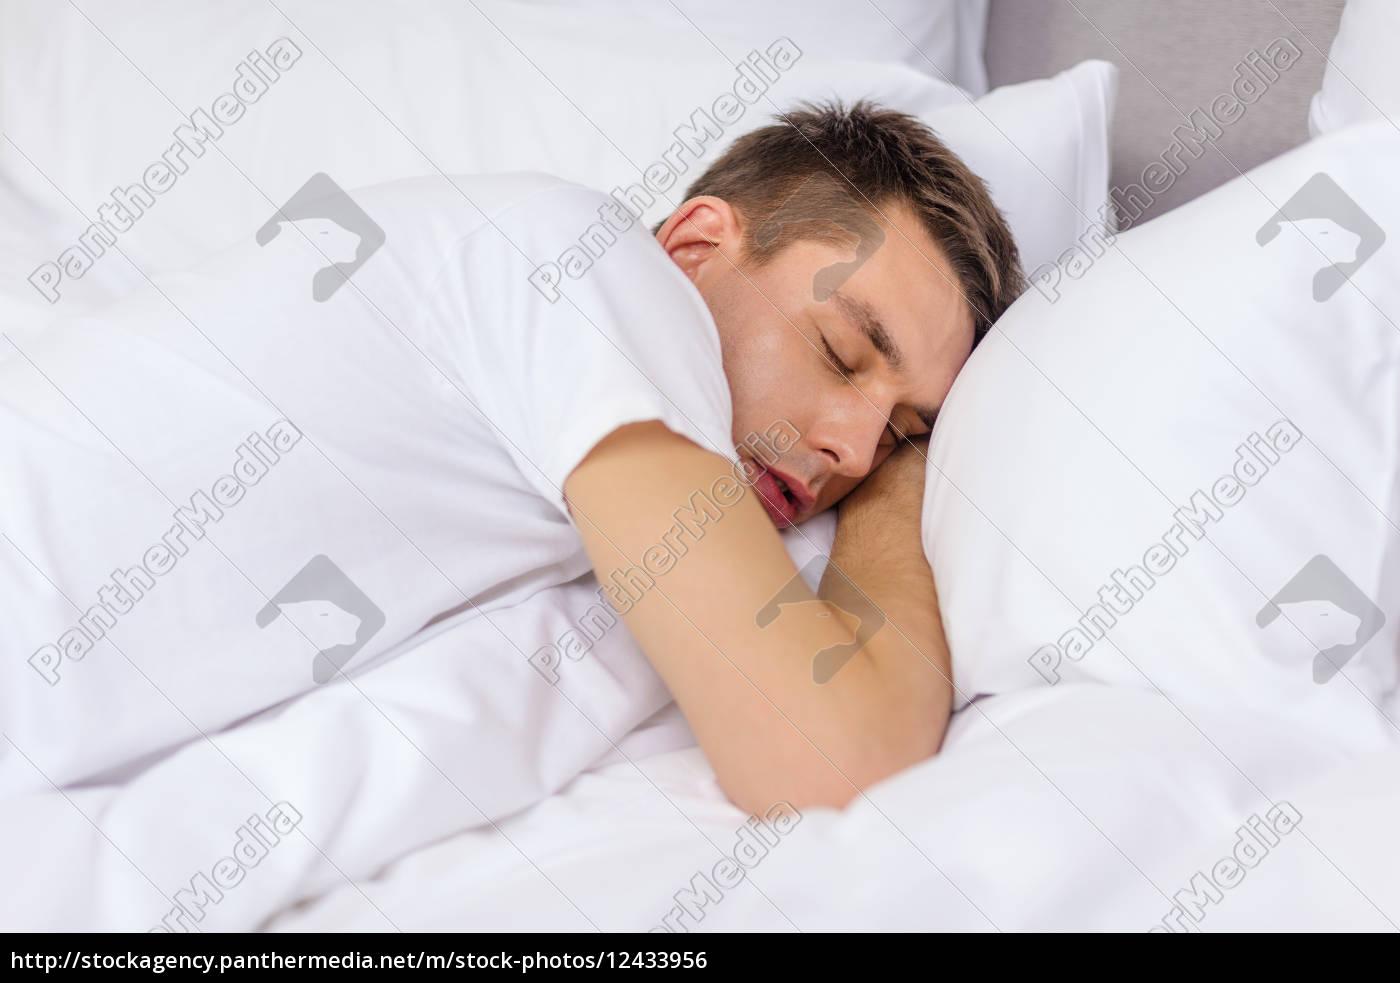 gut aussehend mann schlafend im bett - Lizenzfreies Foto - #12433956 ...